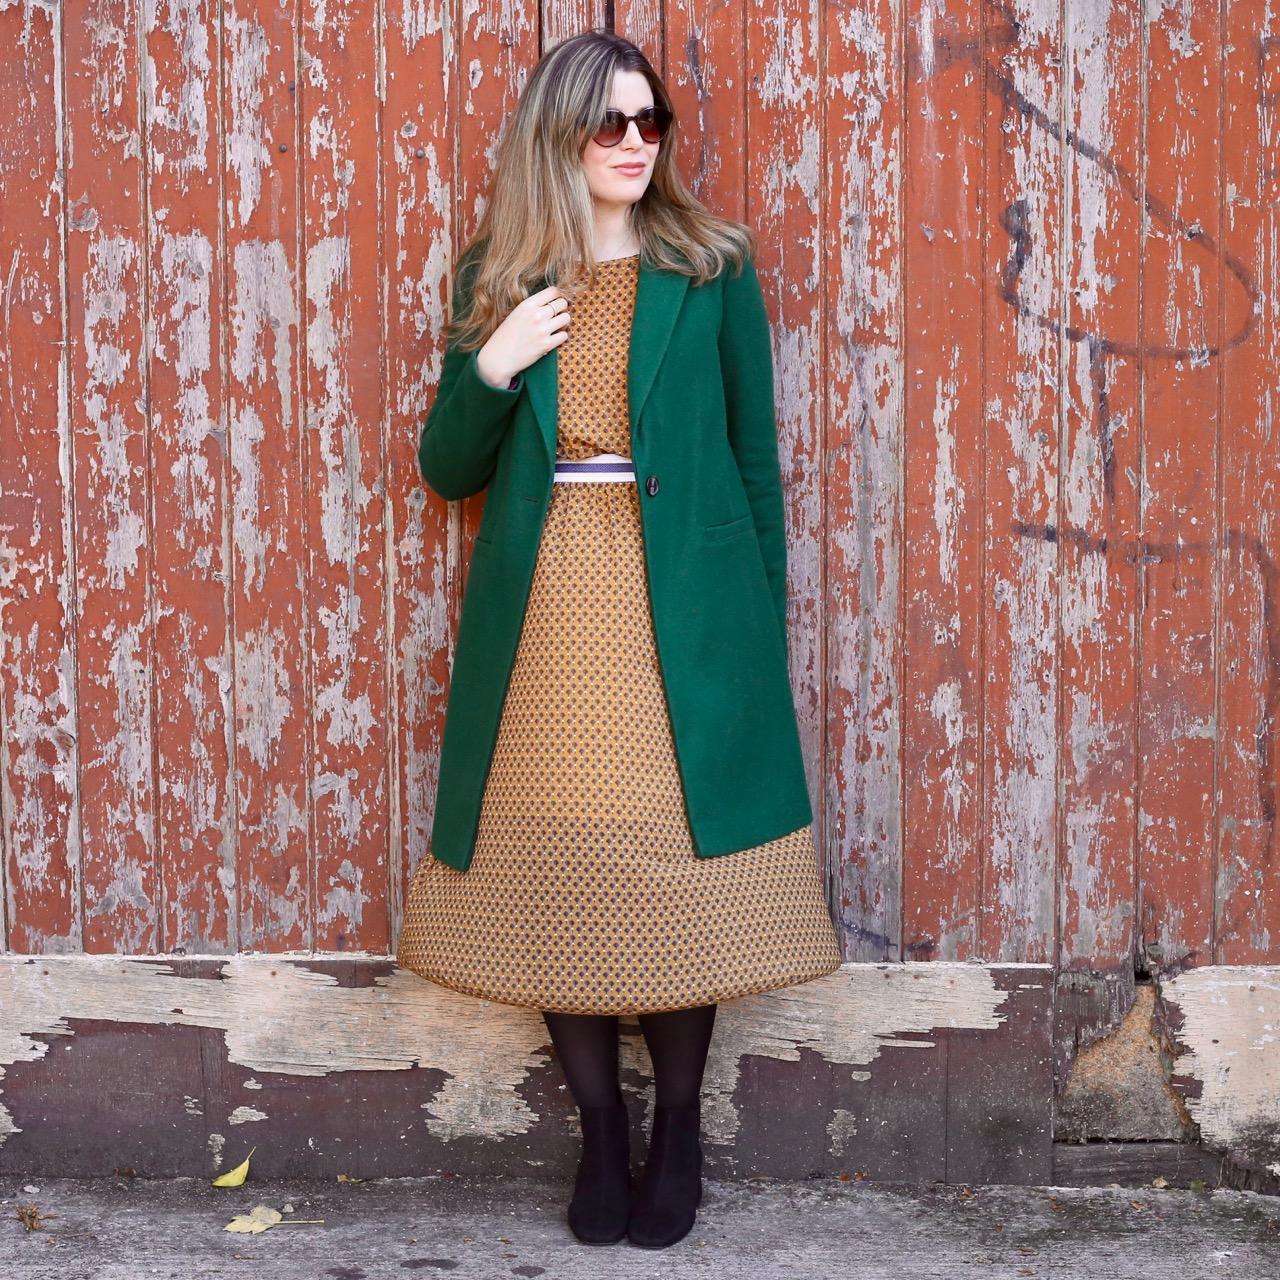 TK Maxx coat and dress